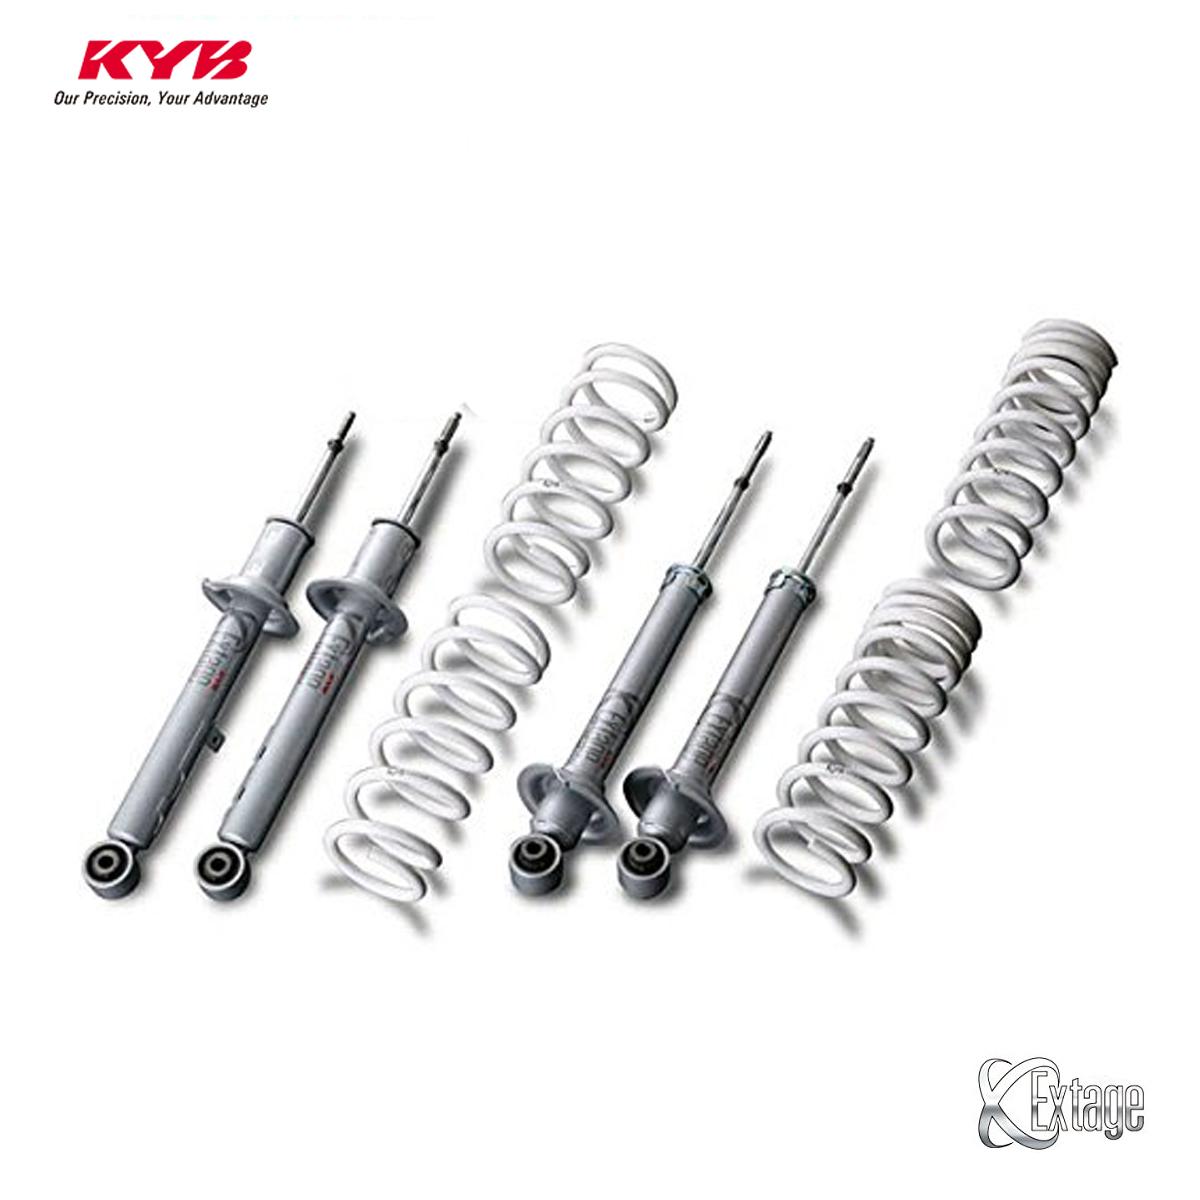 KYB カヤバ プリウス ZVW30 ショックアブソーバー サスペンションキット 1台分 エクステージ キット Extage EKIT-ZVW305